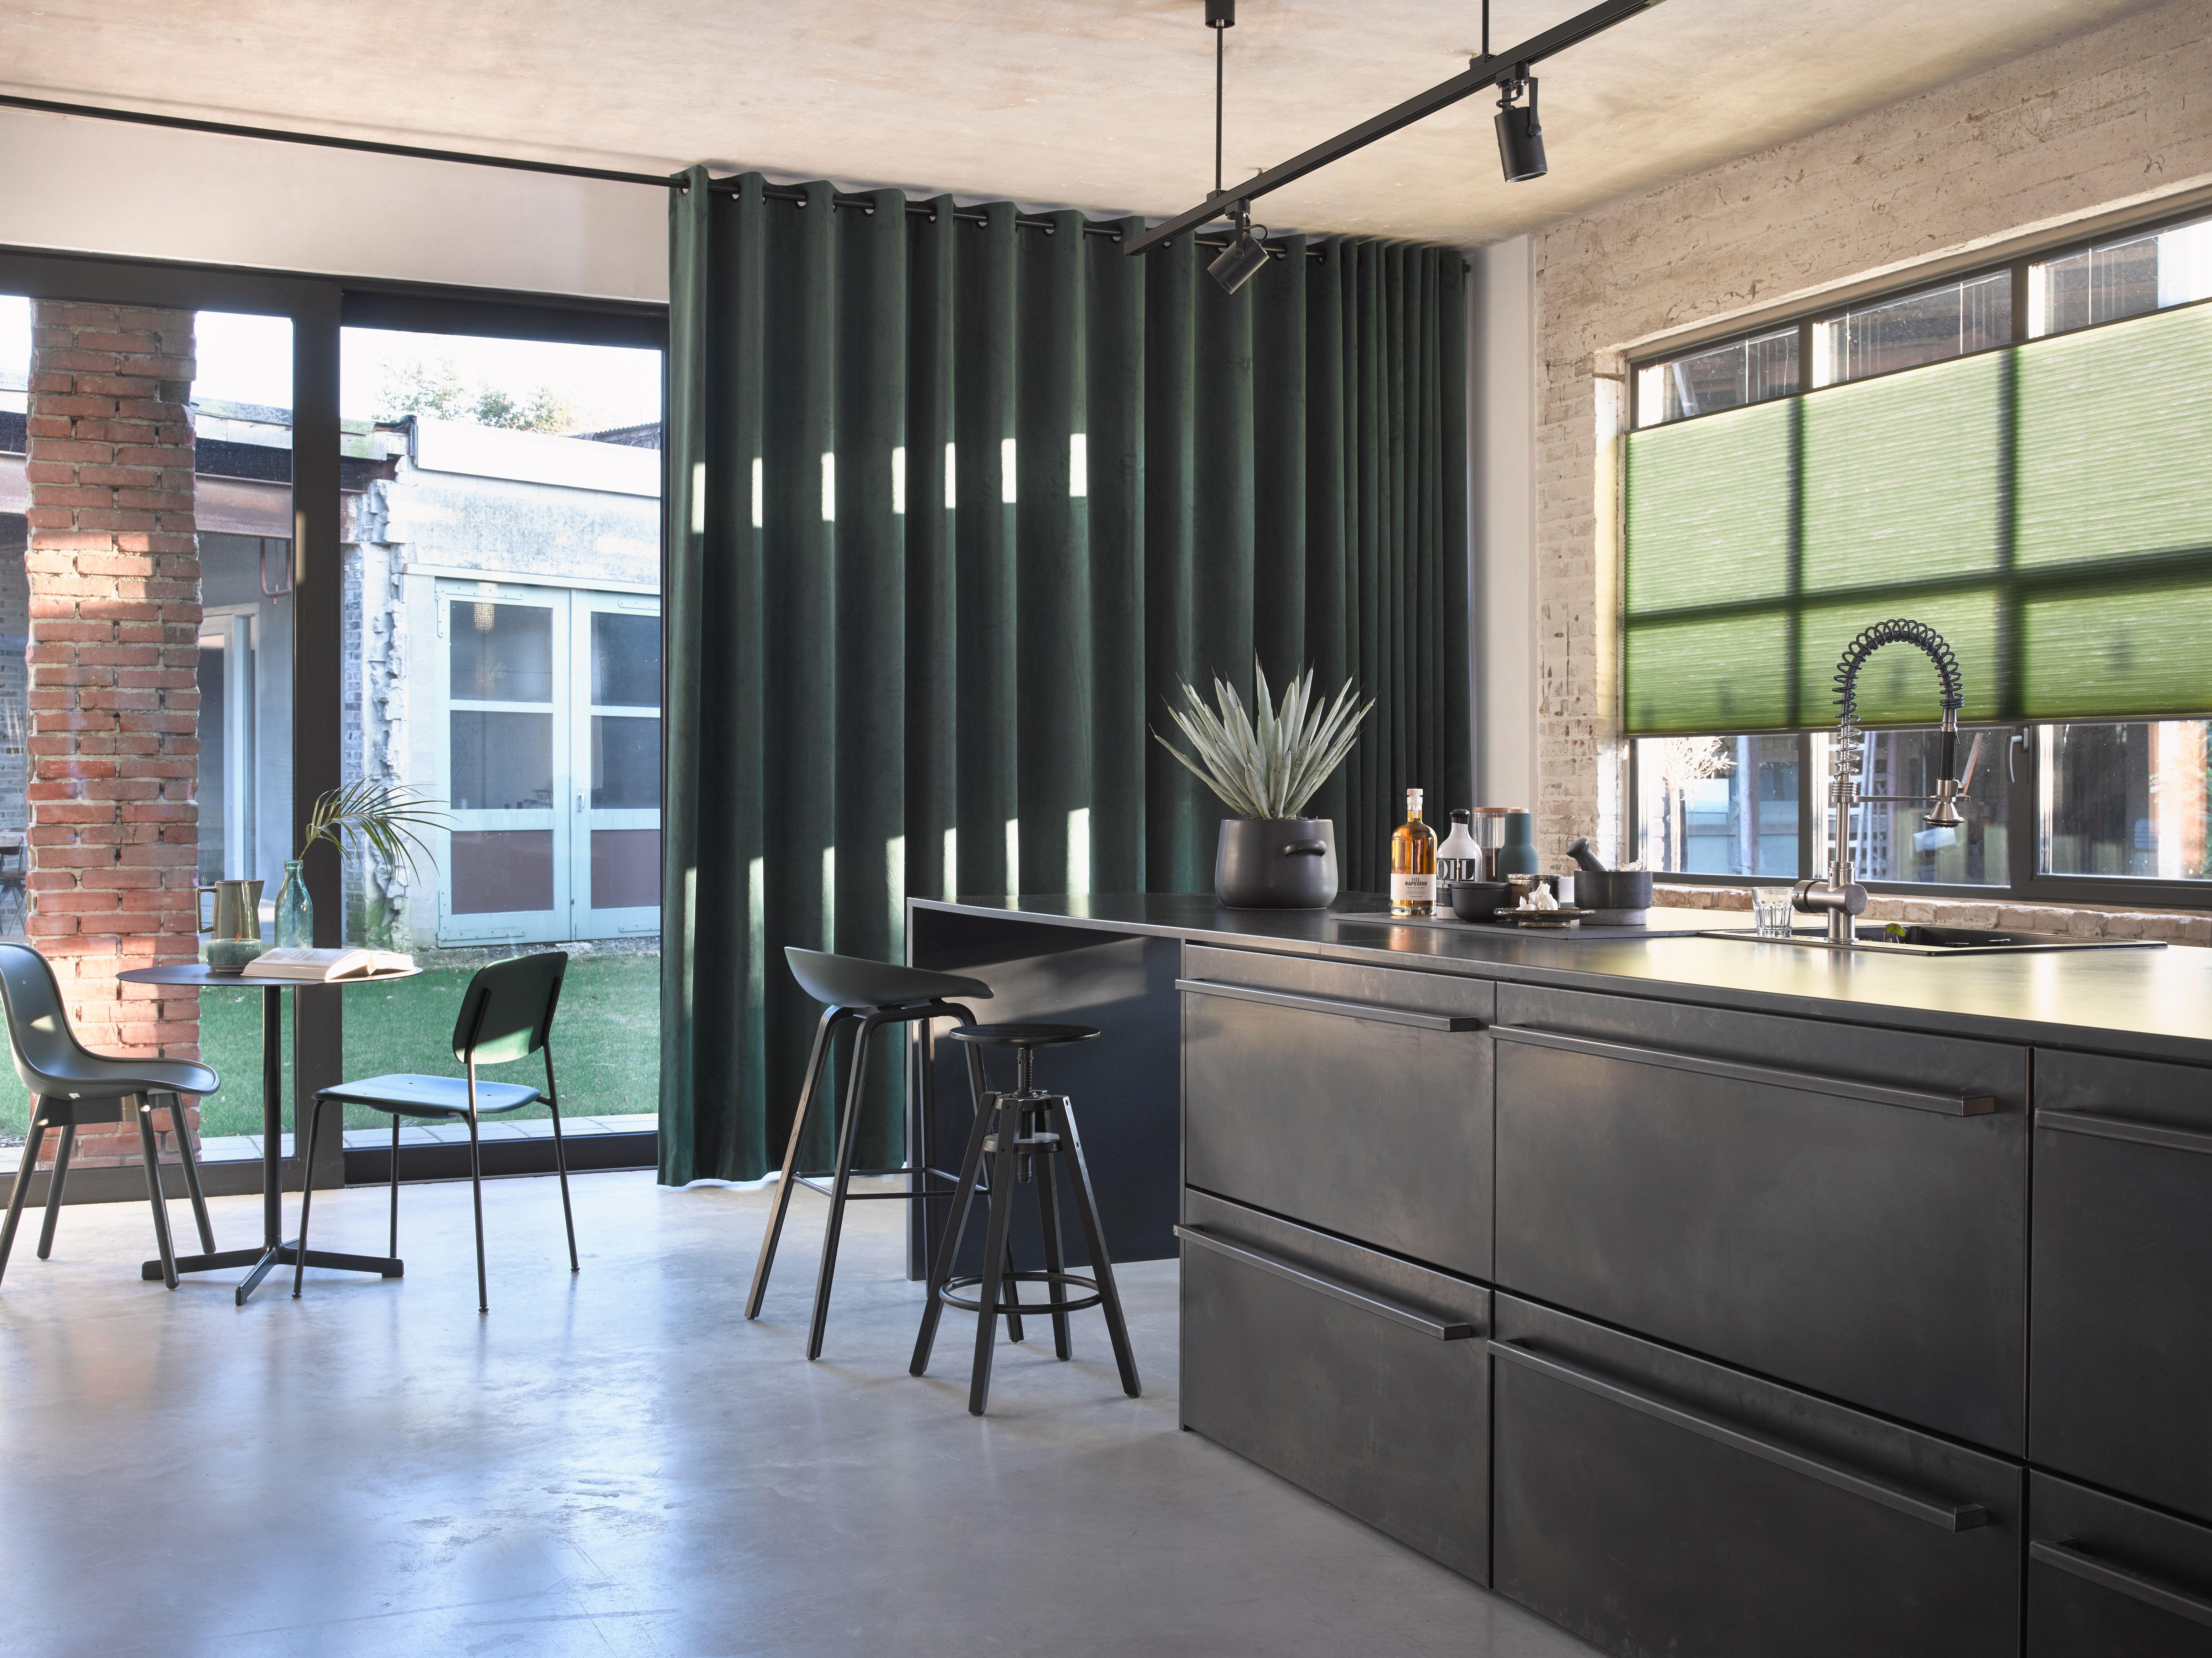 Keuken Gordijn 5 : Groene velours gordijnen isola in moderne keuken gecombineerd met